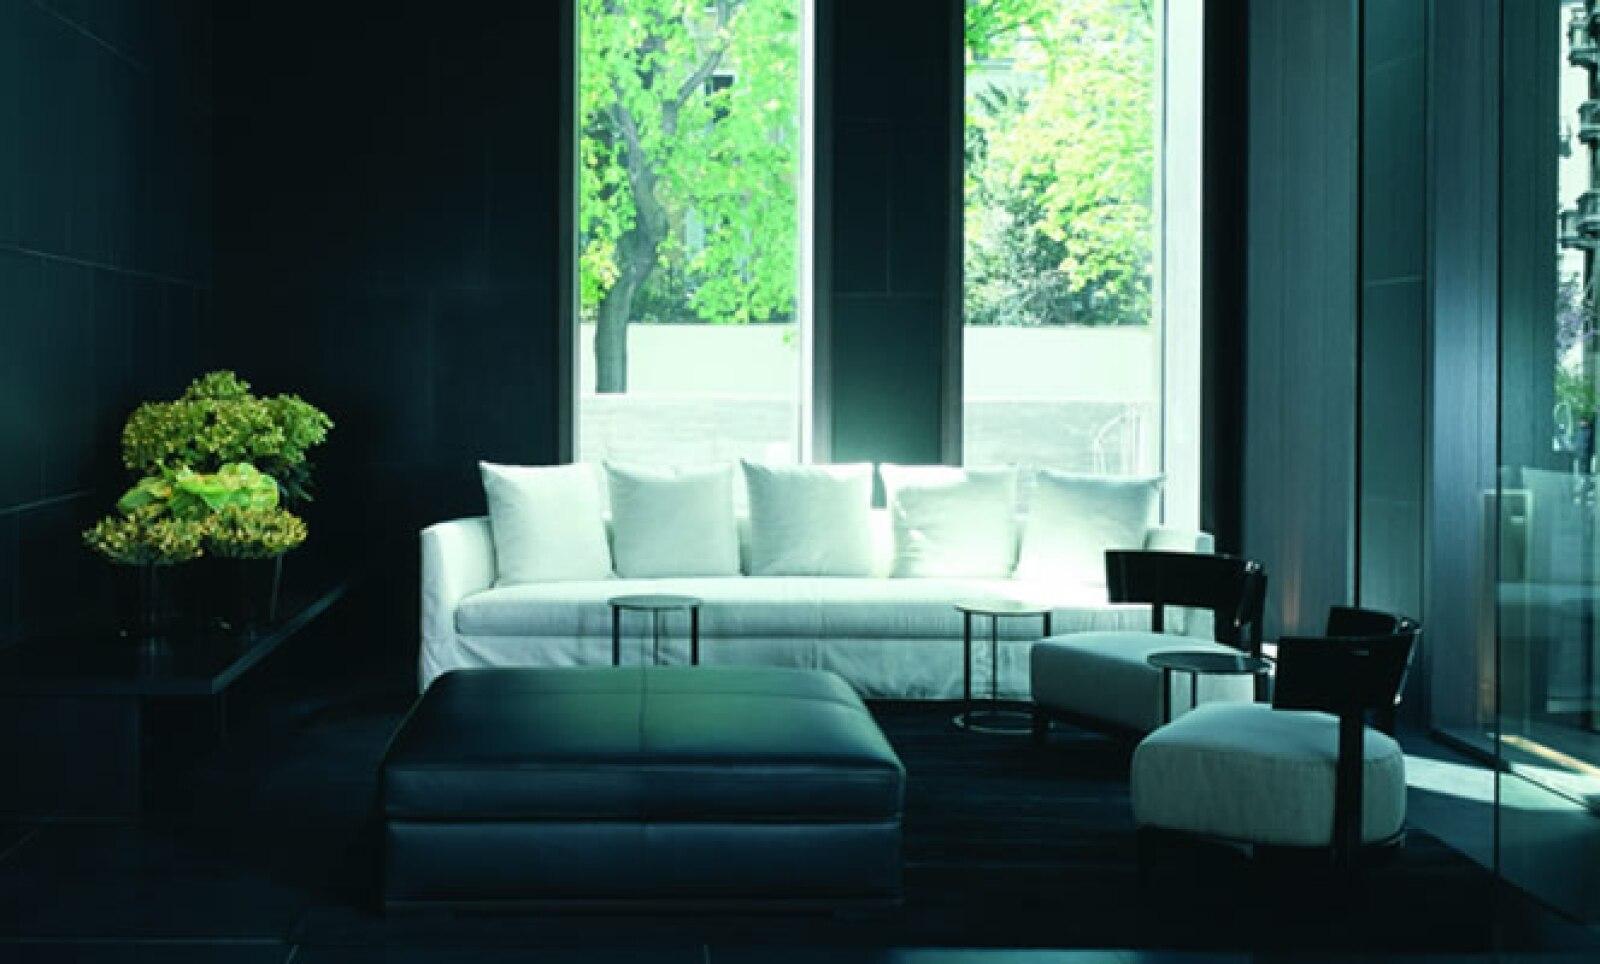 La entrada del hotel cuenta con una recepción con fino mobiliario en piel y en mármol negro, el cual realza su concepto de lujo.